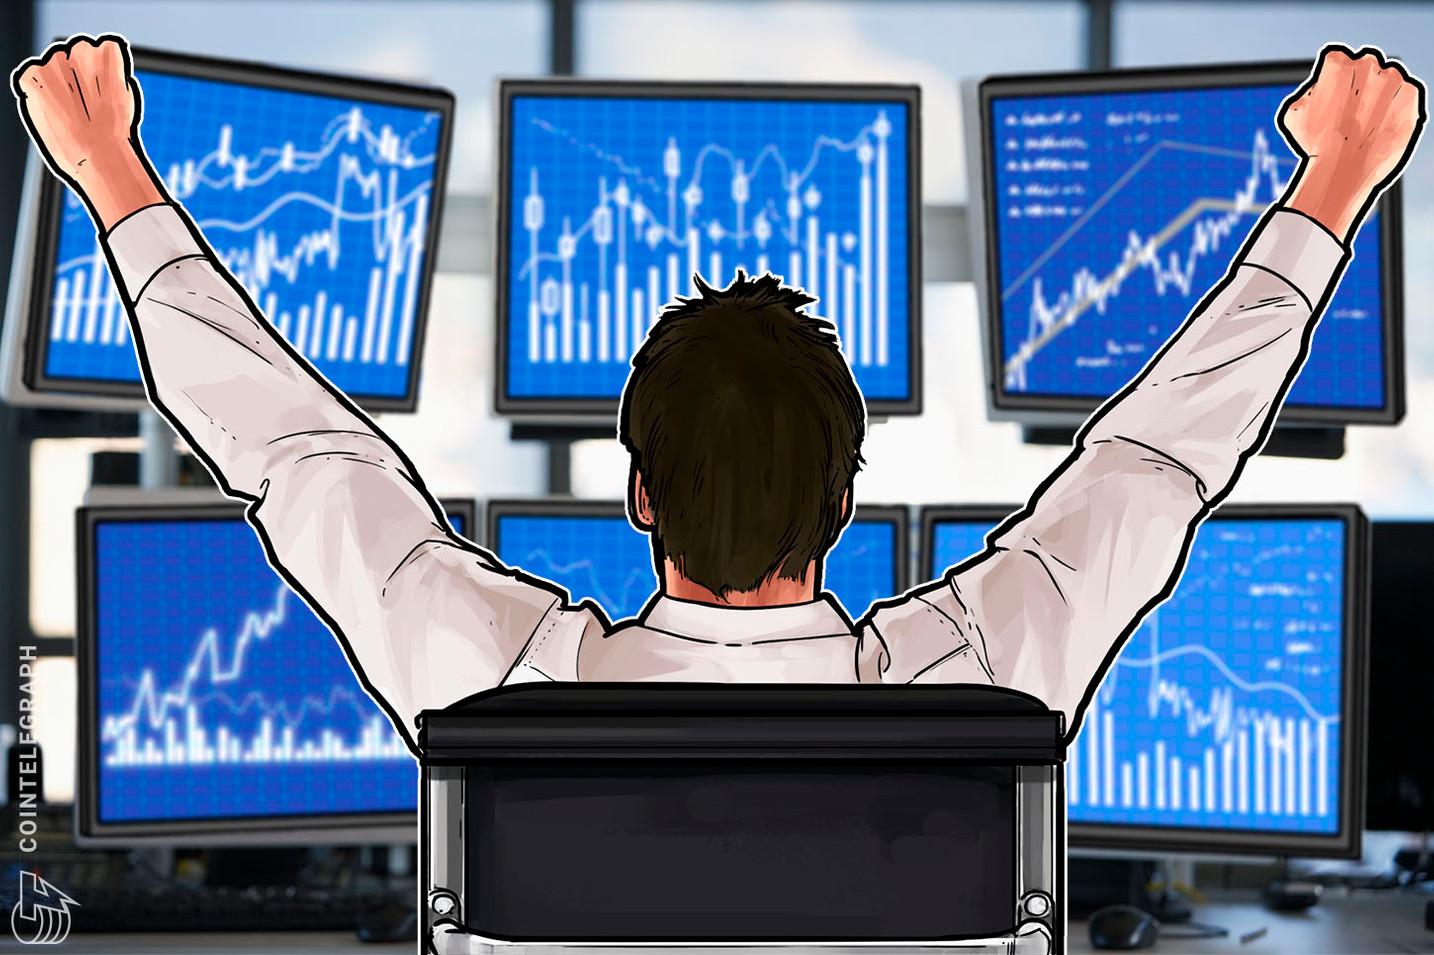 Crypto Broker AG startet ersten automatischen Schweizer Nonstop-Handel für Krypto-Assets